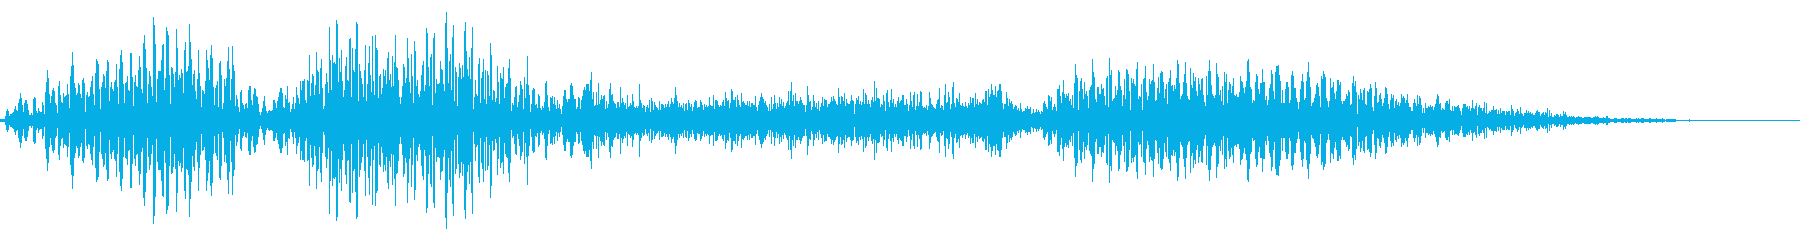 「いらっしゃい」システムボイスにの再生済みの波形